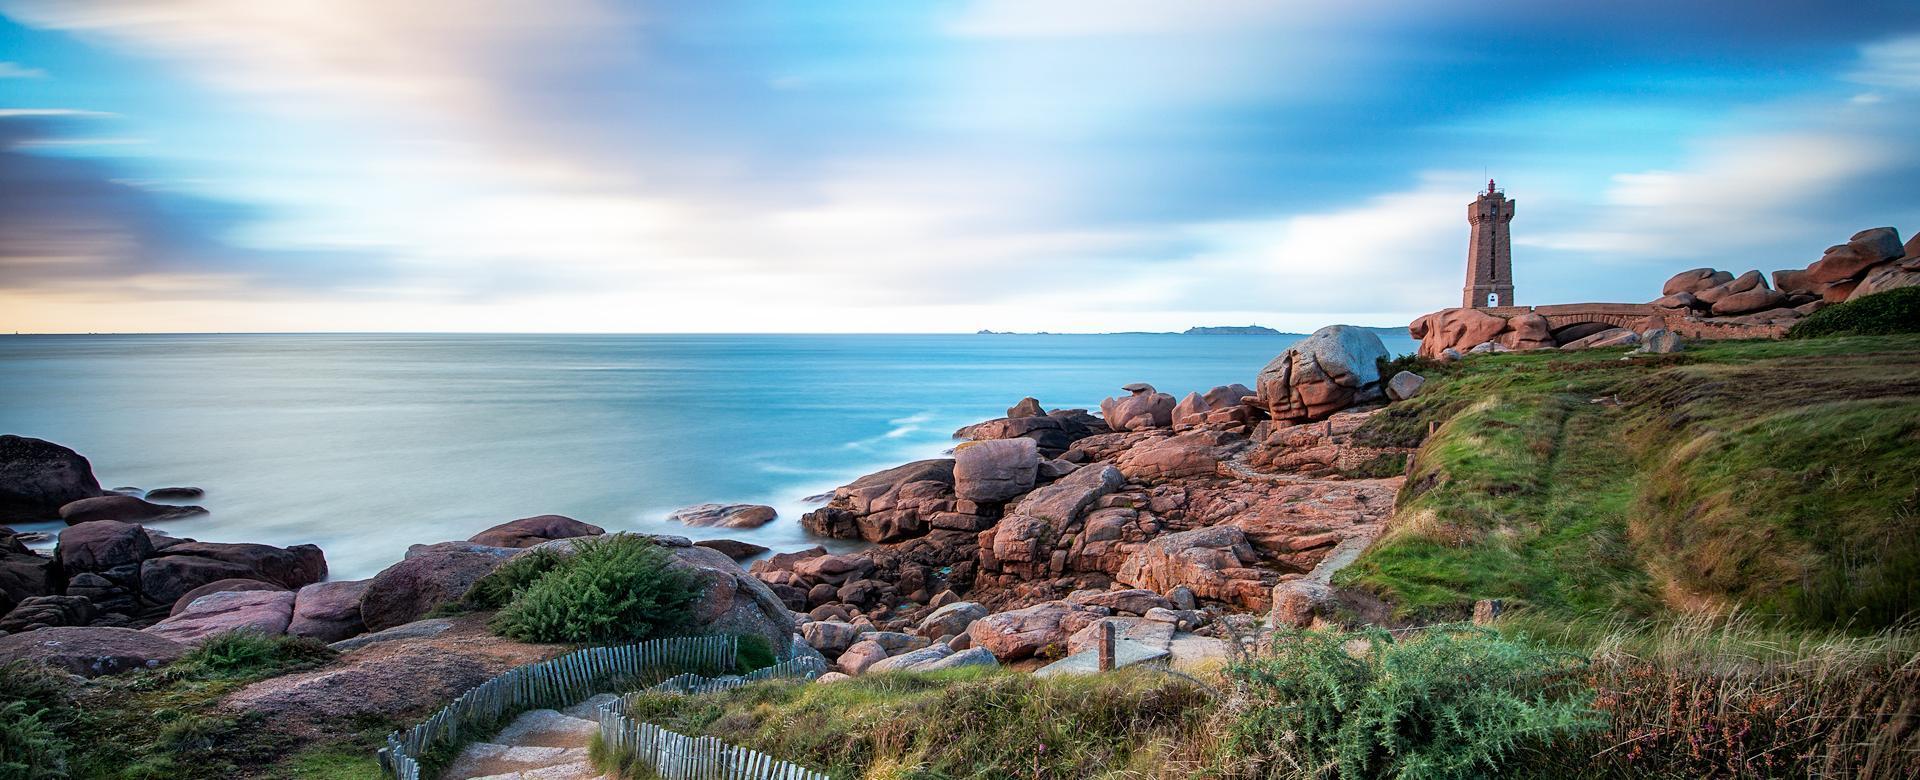 Voyage à pied : La côte de granit rose